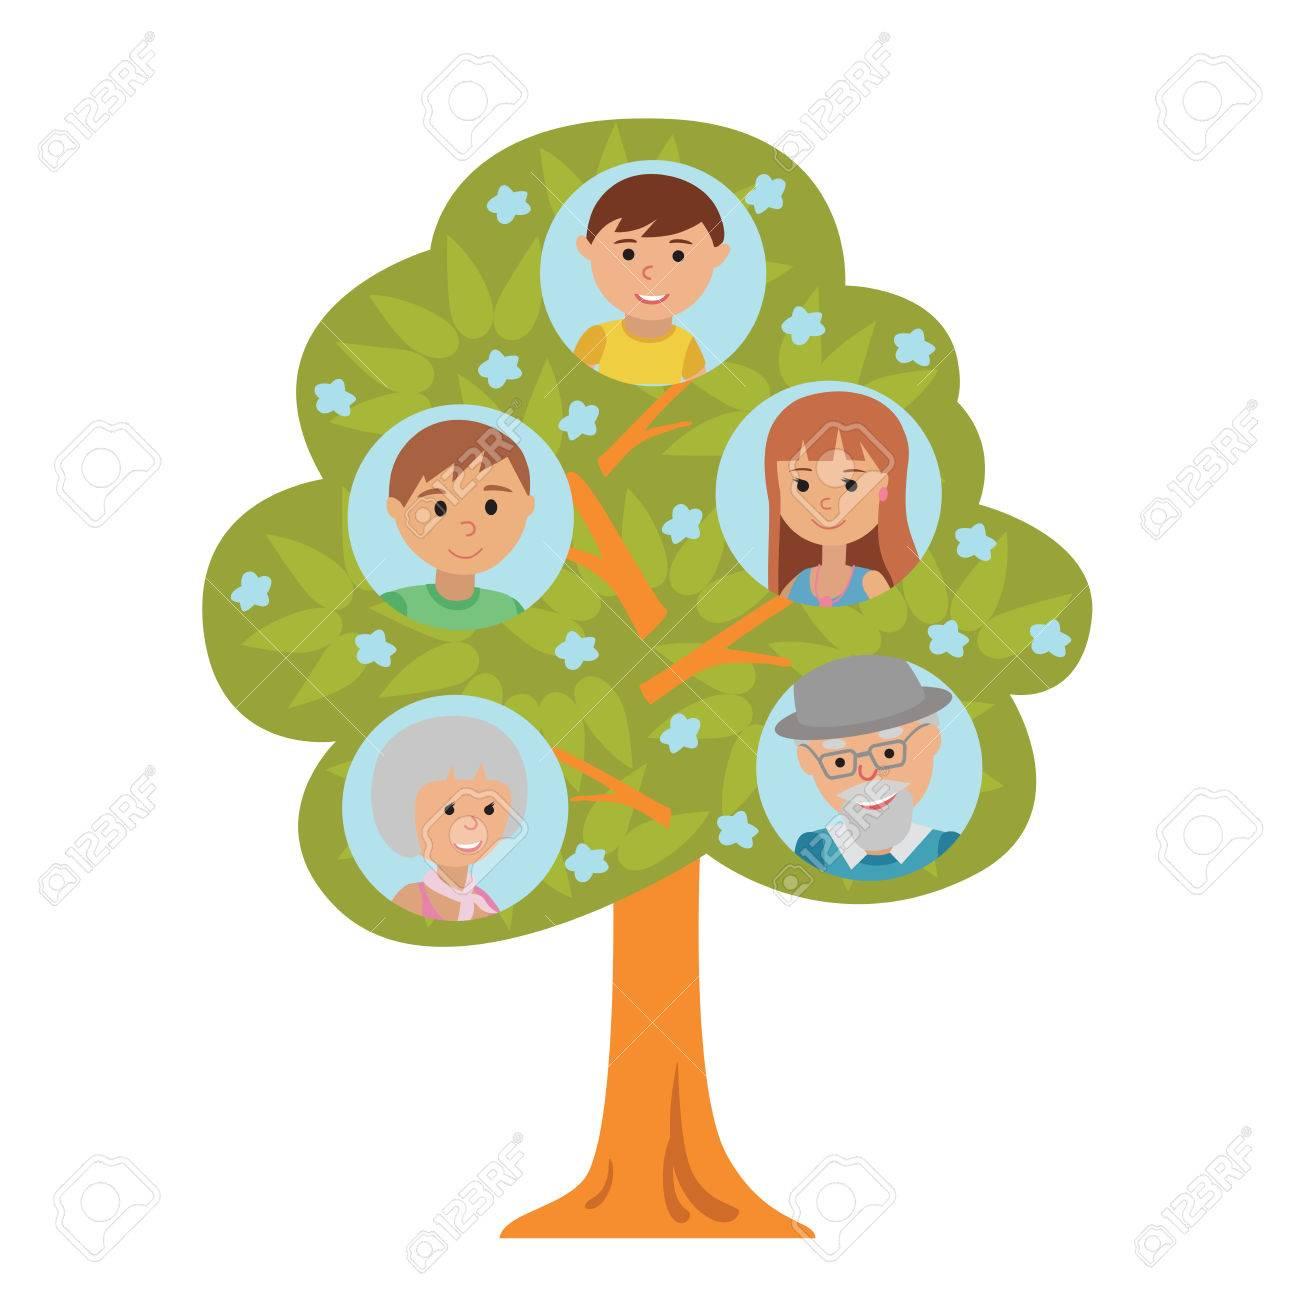 De Dibujos Animados De La Familia De Generación Illustaration ...